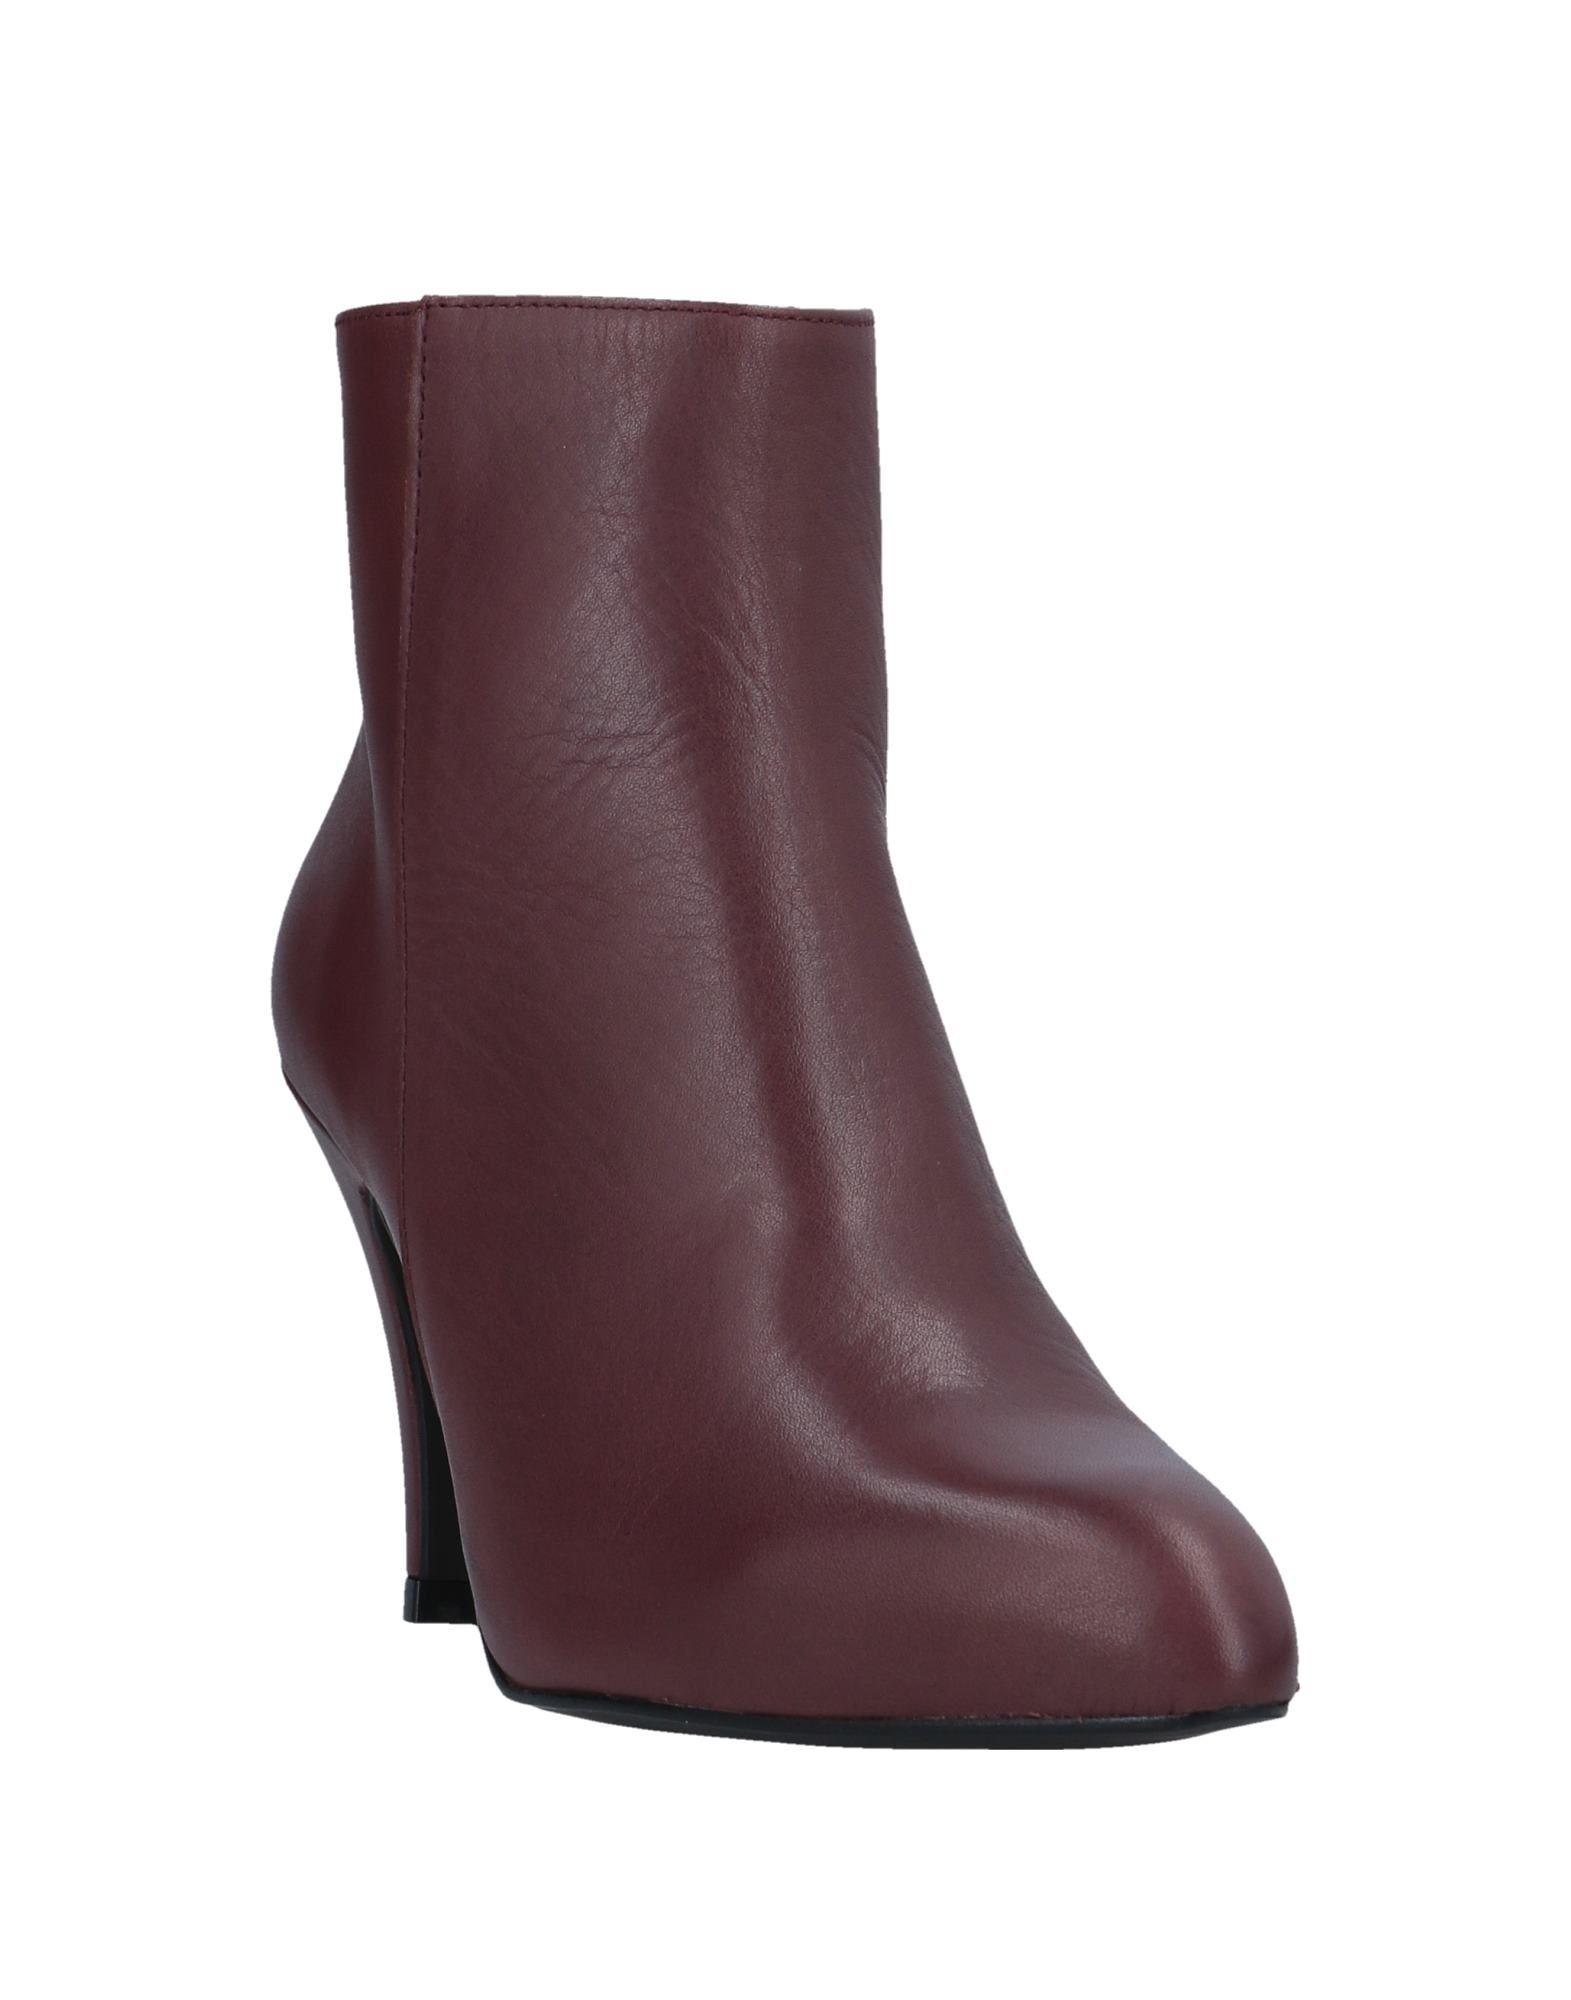 Stilvolle billige Schuhe 11548496IG Apologie Stiefelette Damen  11548496IG Schuhe 9b448c